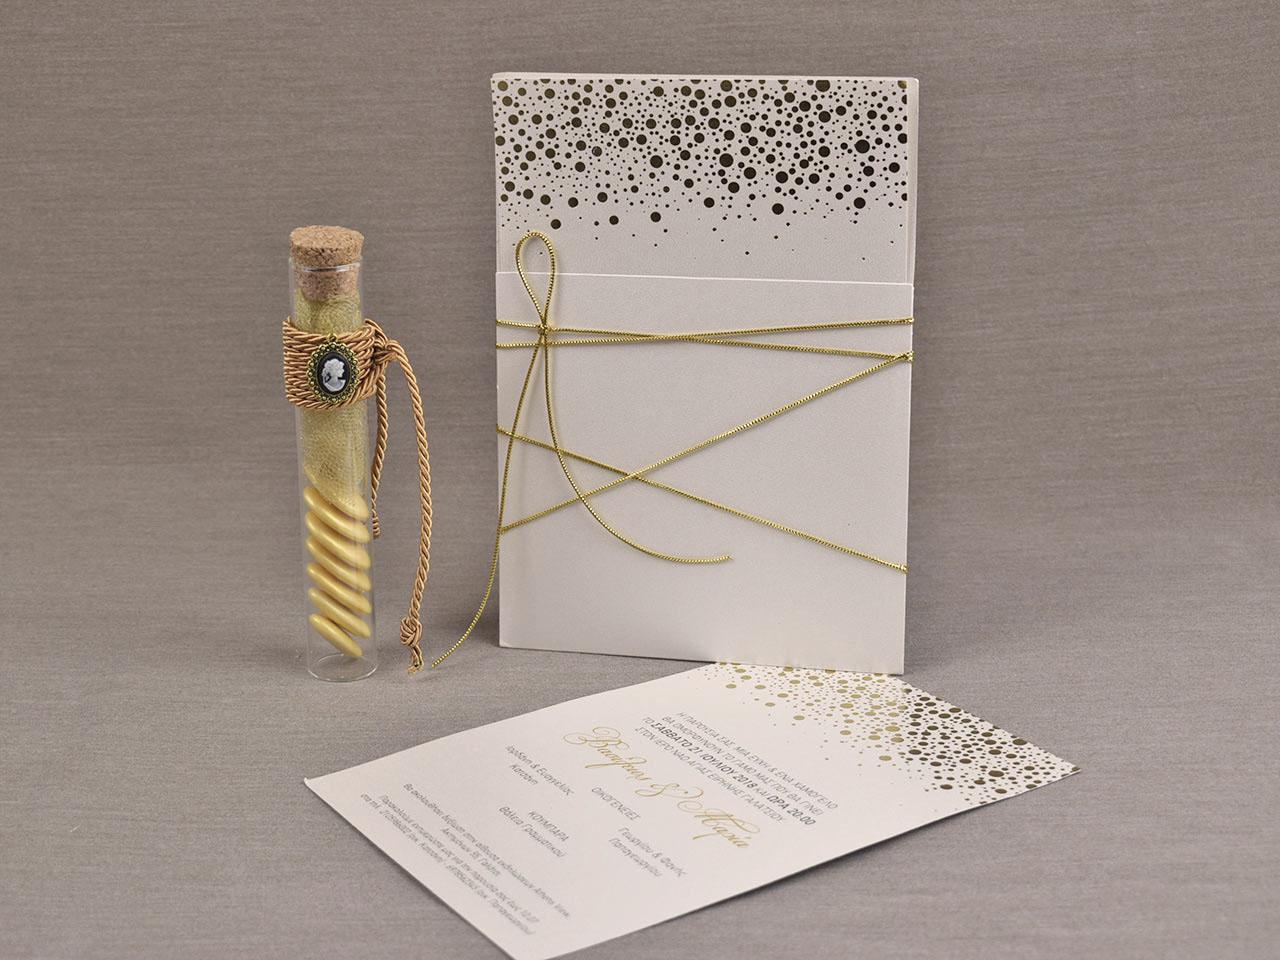 55c4ad8da58a Προσκλητήριο Γάμου Μεταλιζέ με Χρυσές Λεπτομέρειες